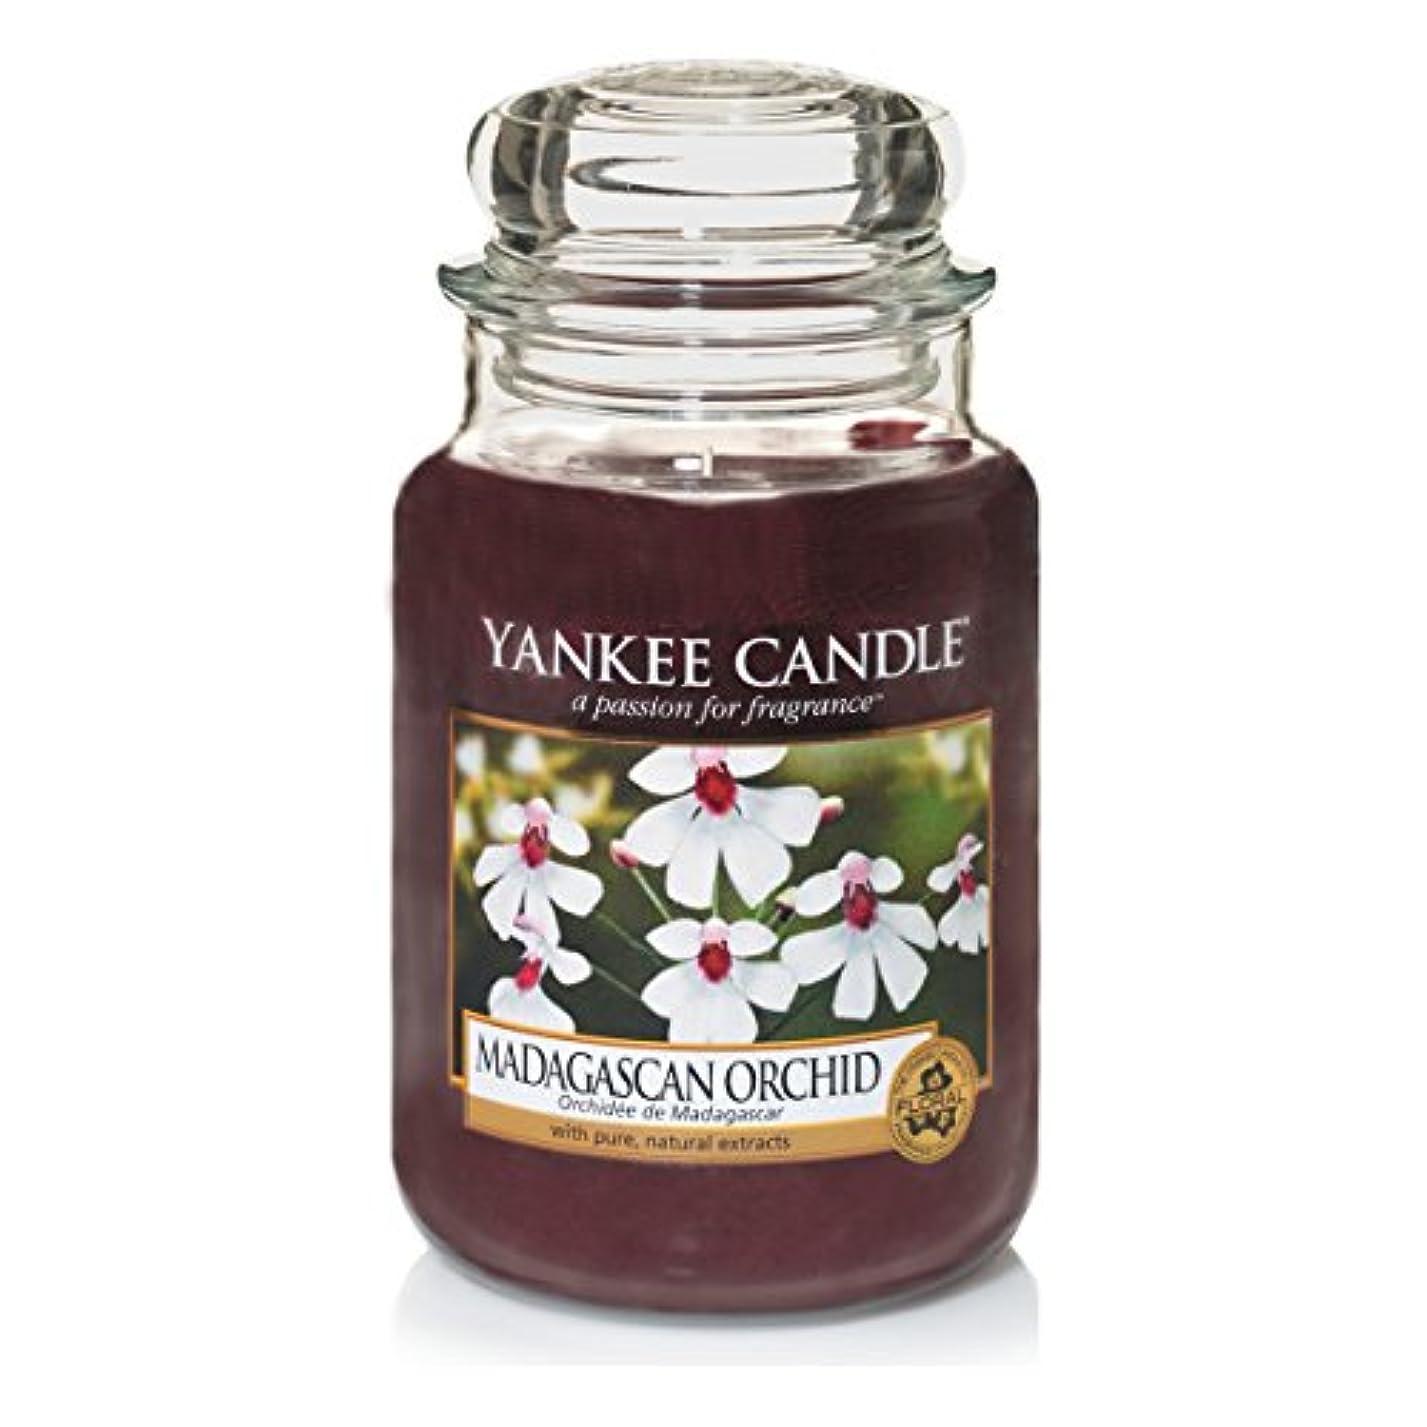 アーティキュレーションインゲンロケーションYankee Candle Large Jar Candle, Madagascan Orchid by Yankee Candle